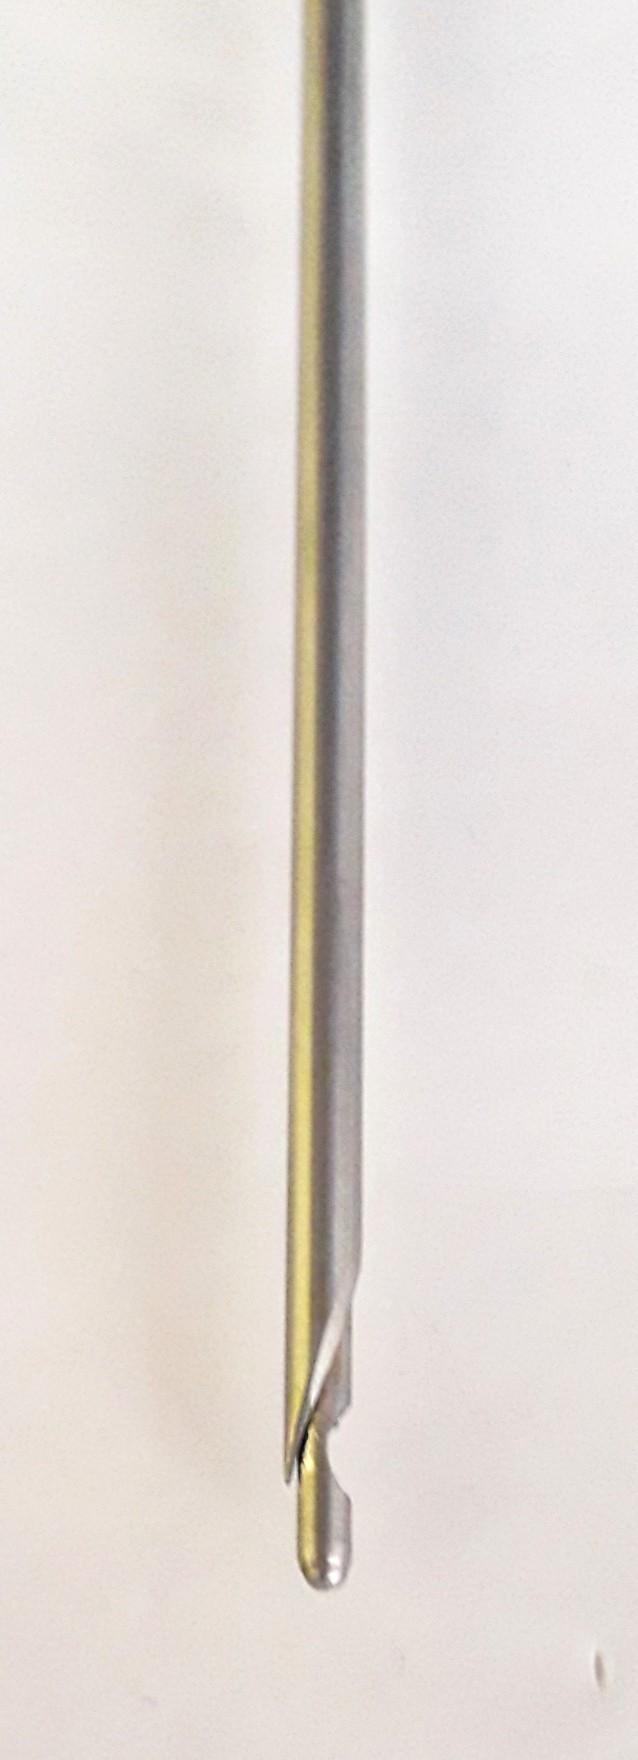 Verres Needle